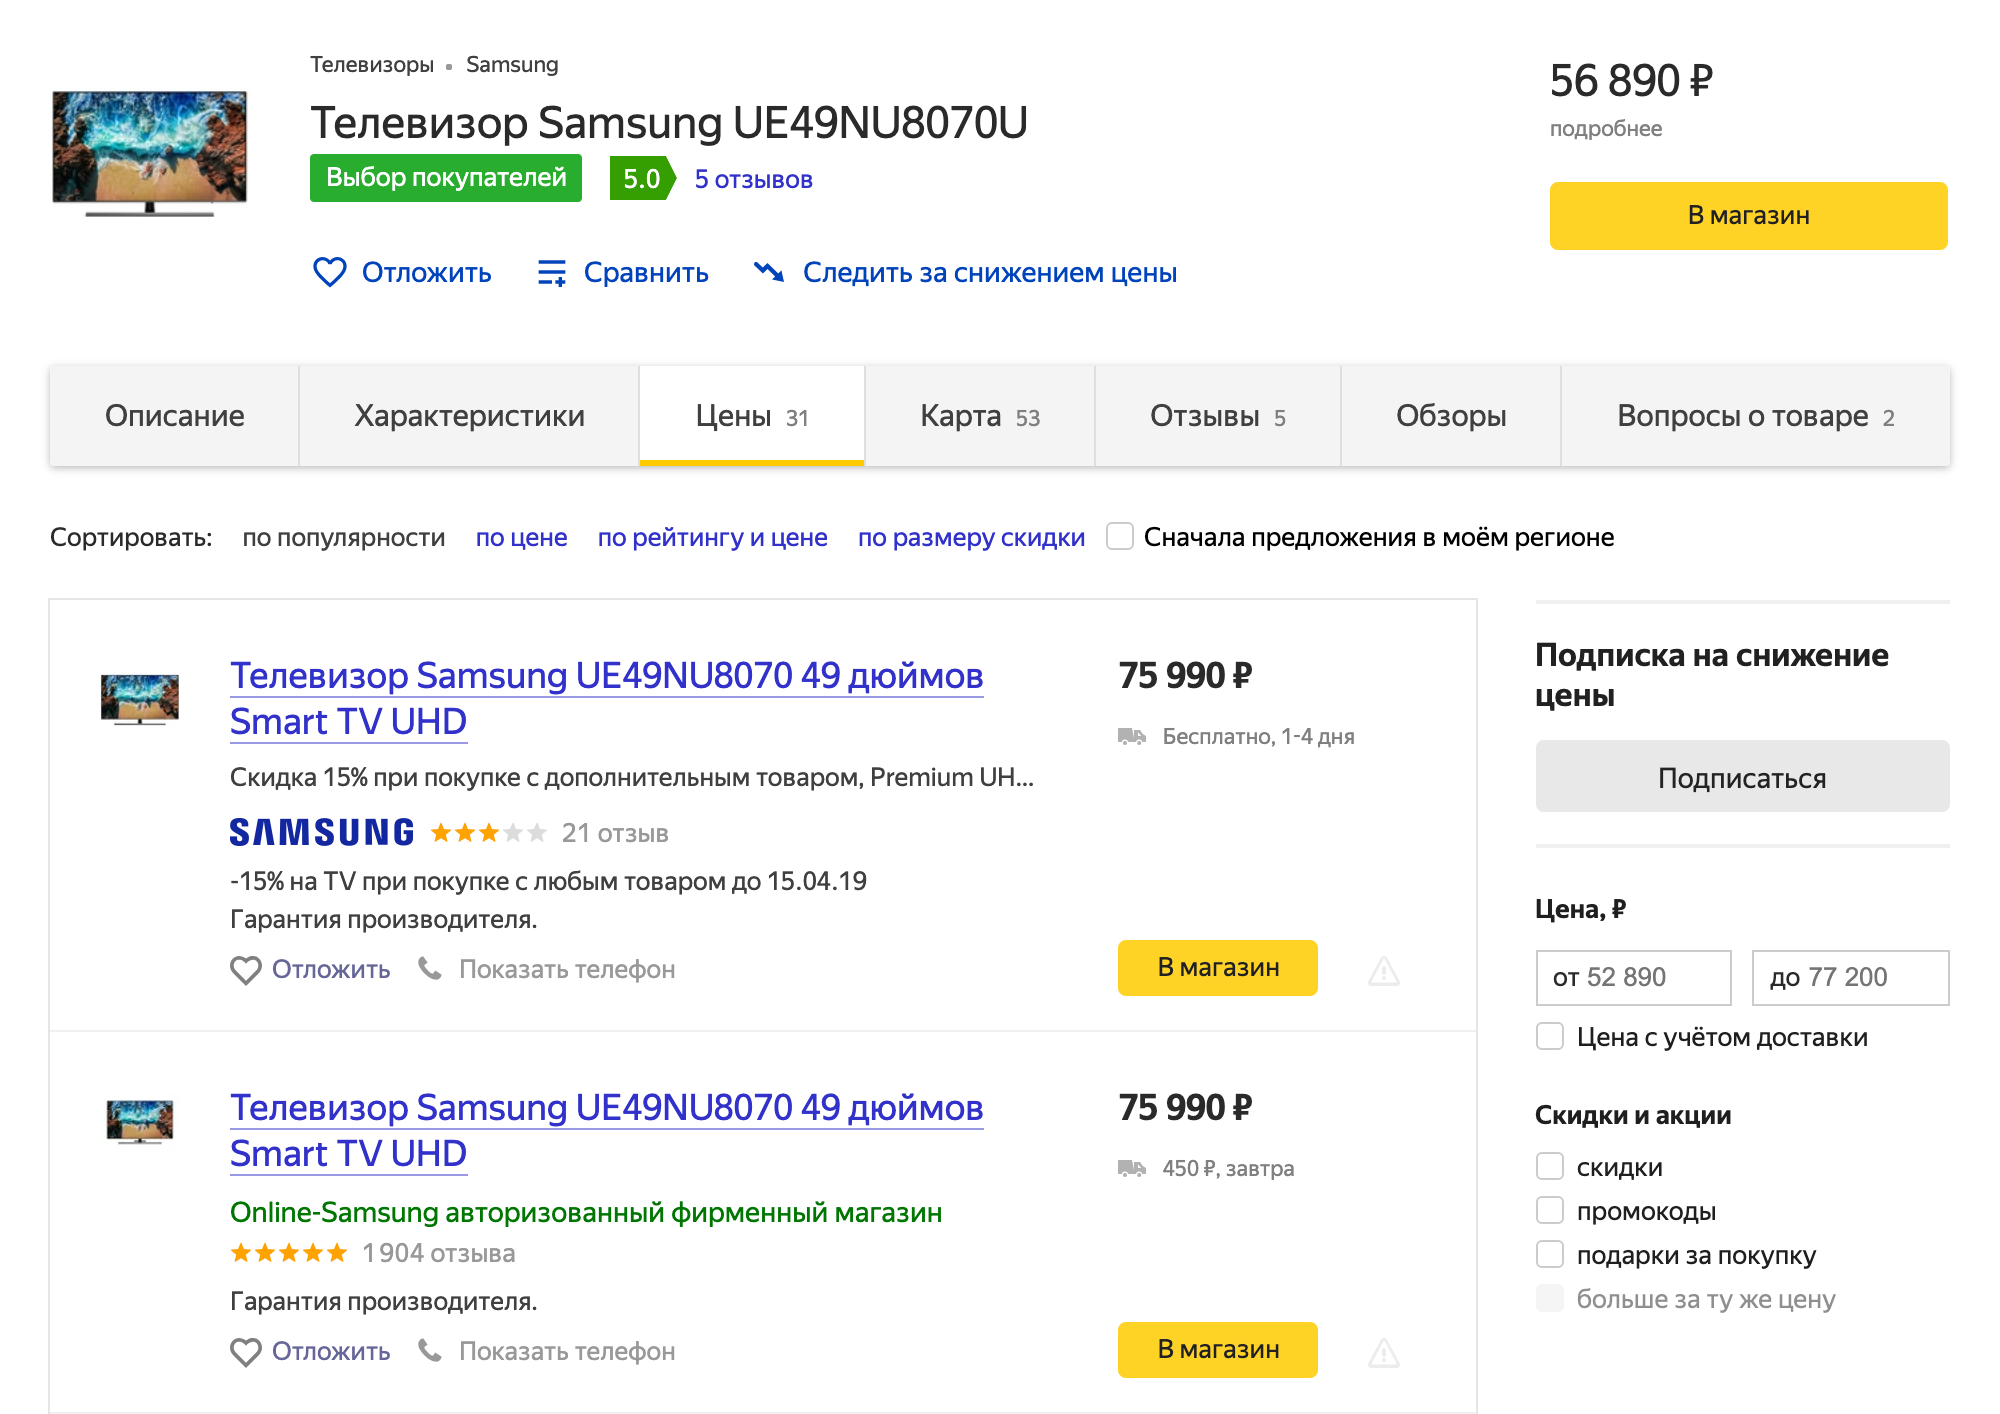 Ценник на такую модель на «Яндекс-маркете» — от 52 890 р. до 77 200 р.